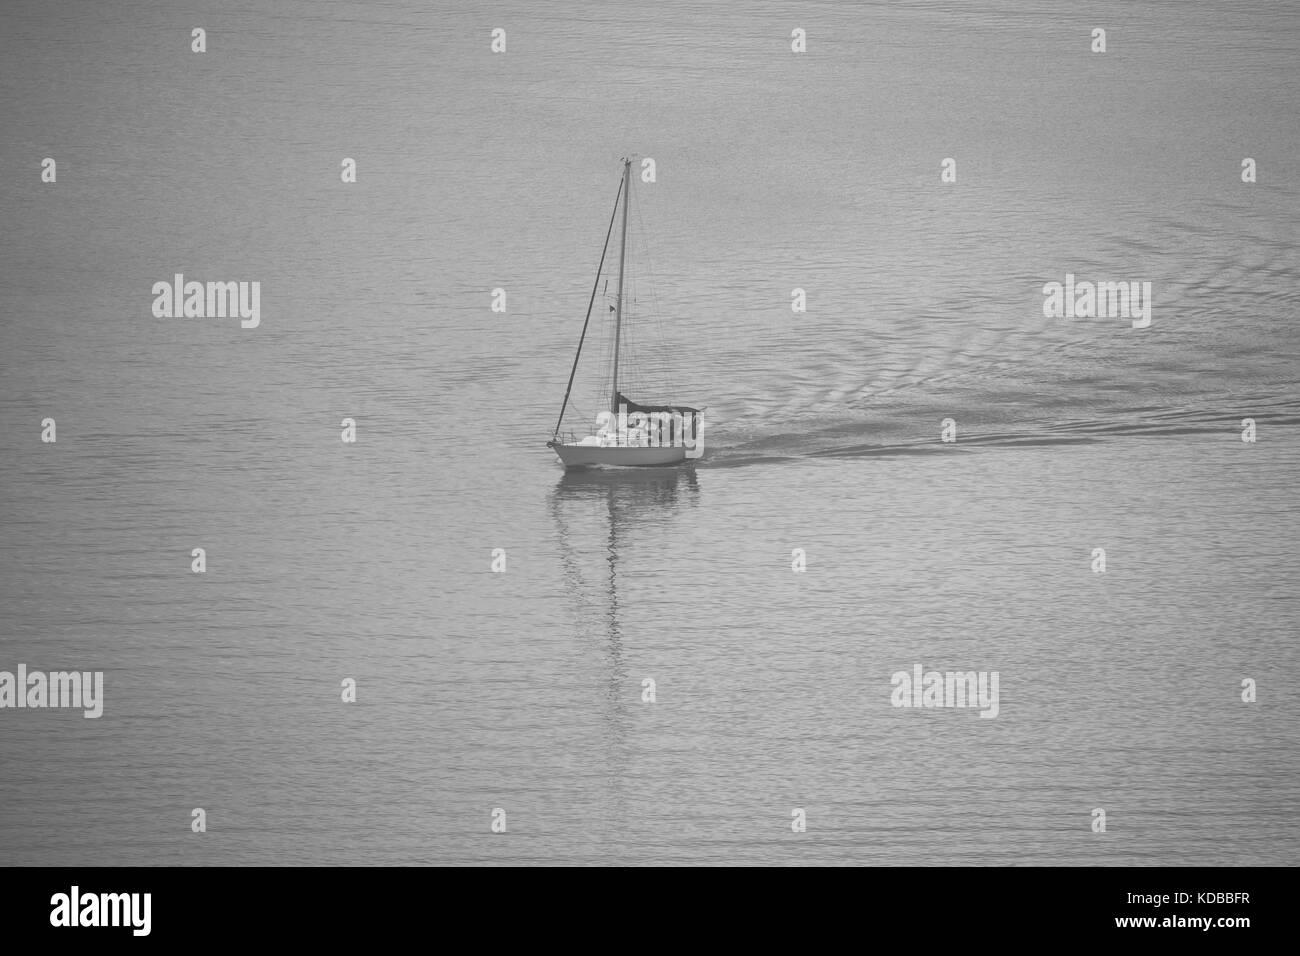 Sailboat in Fog Hudson River - Stock Image